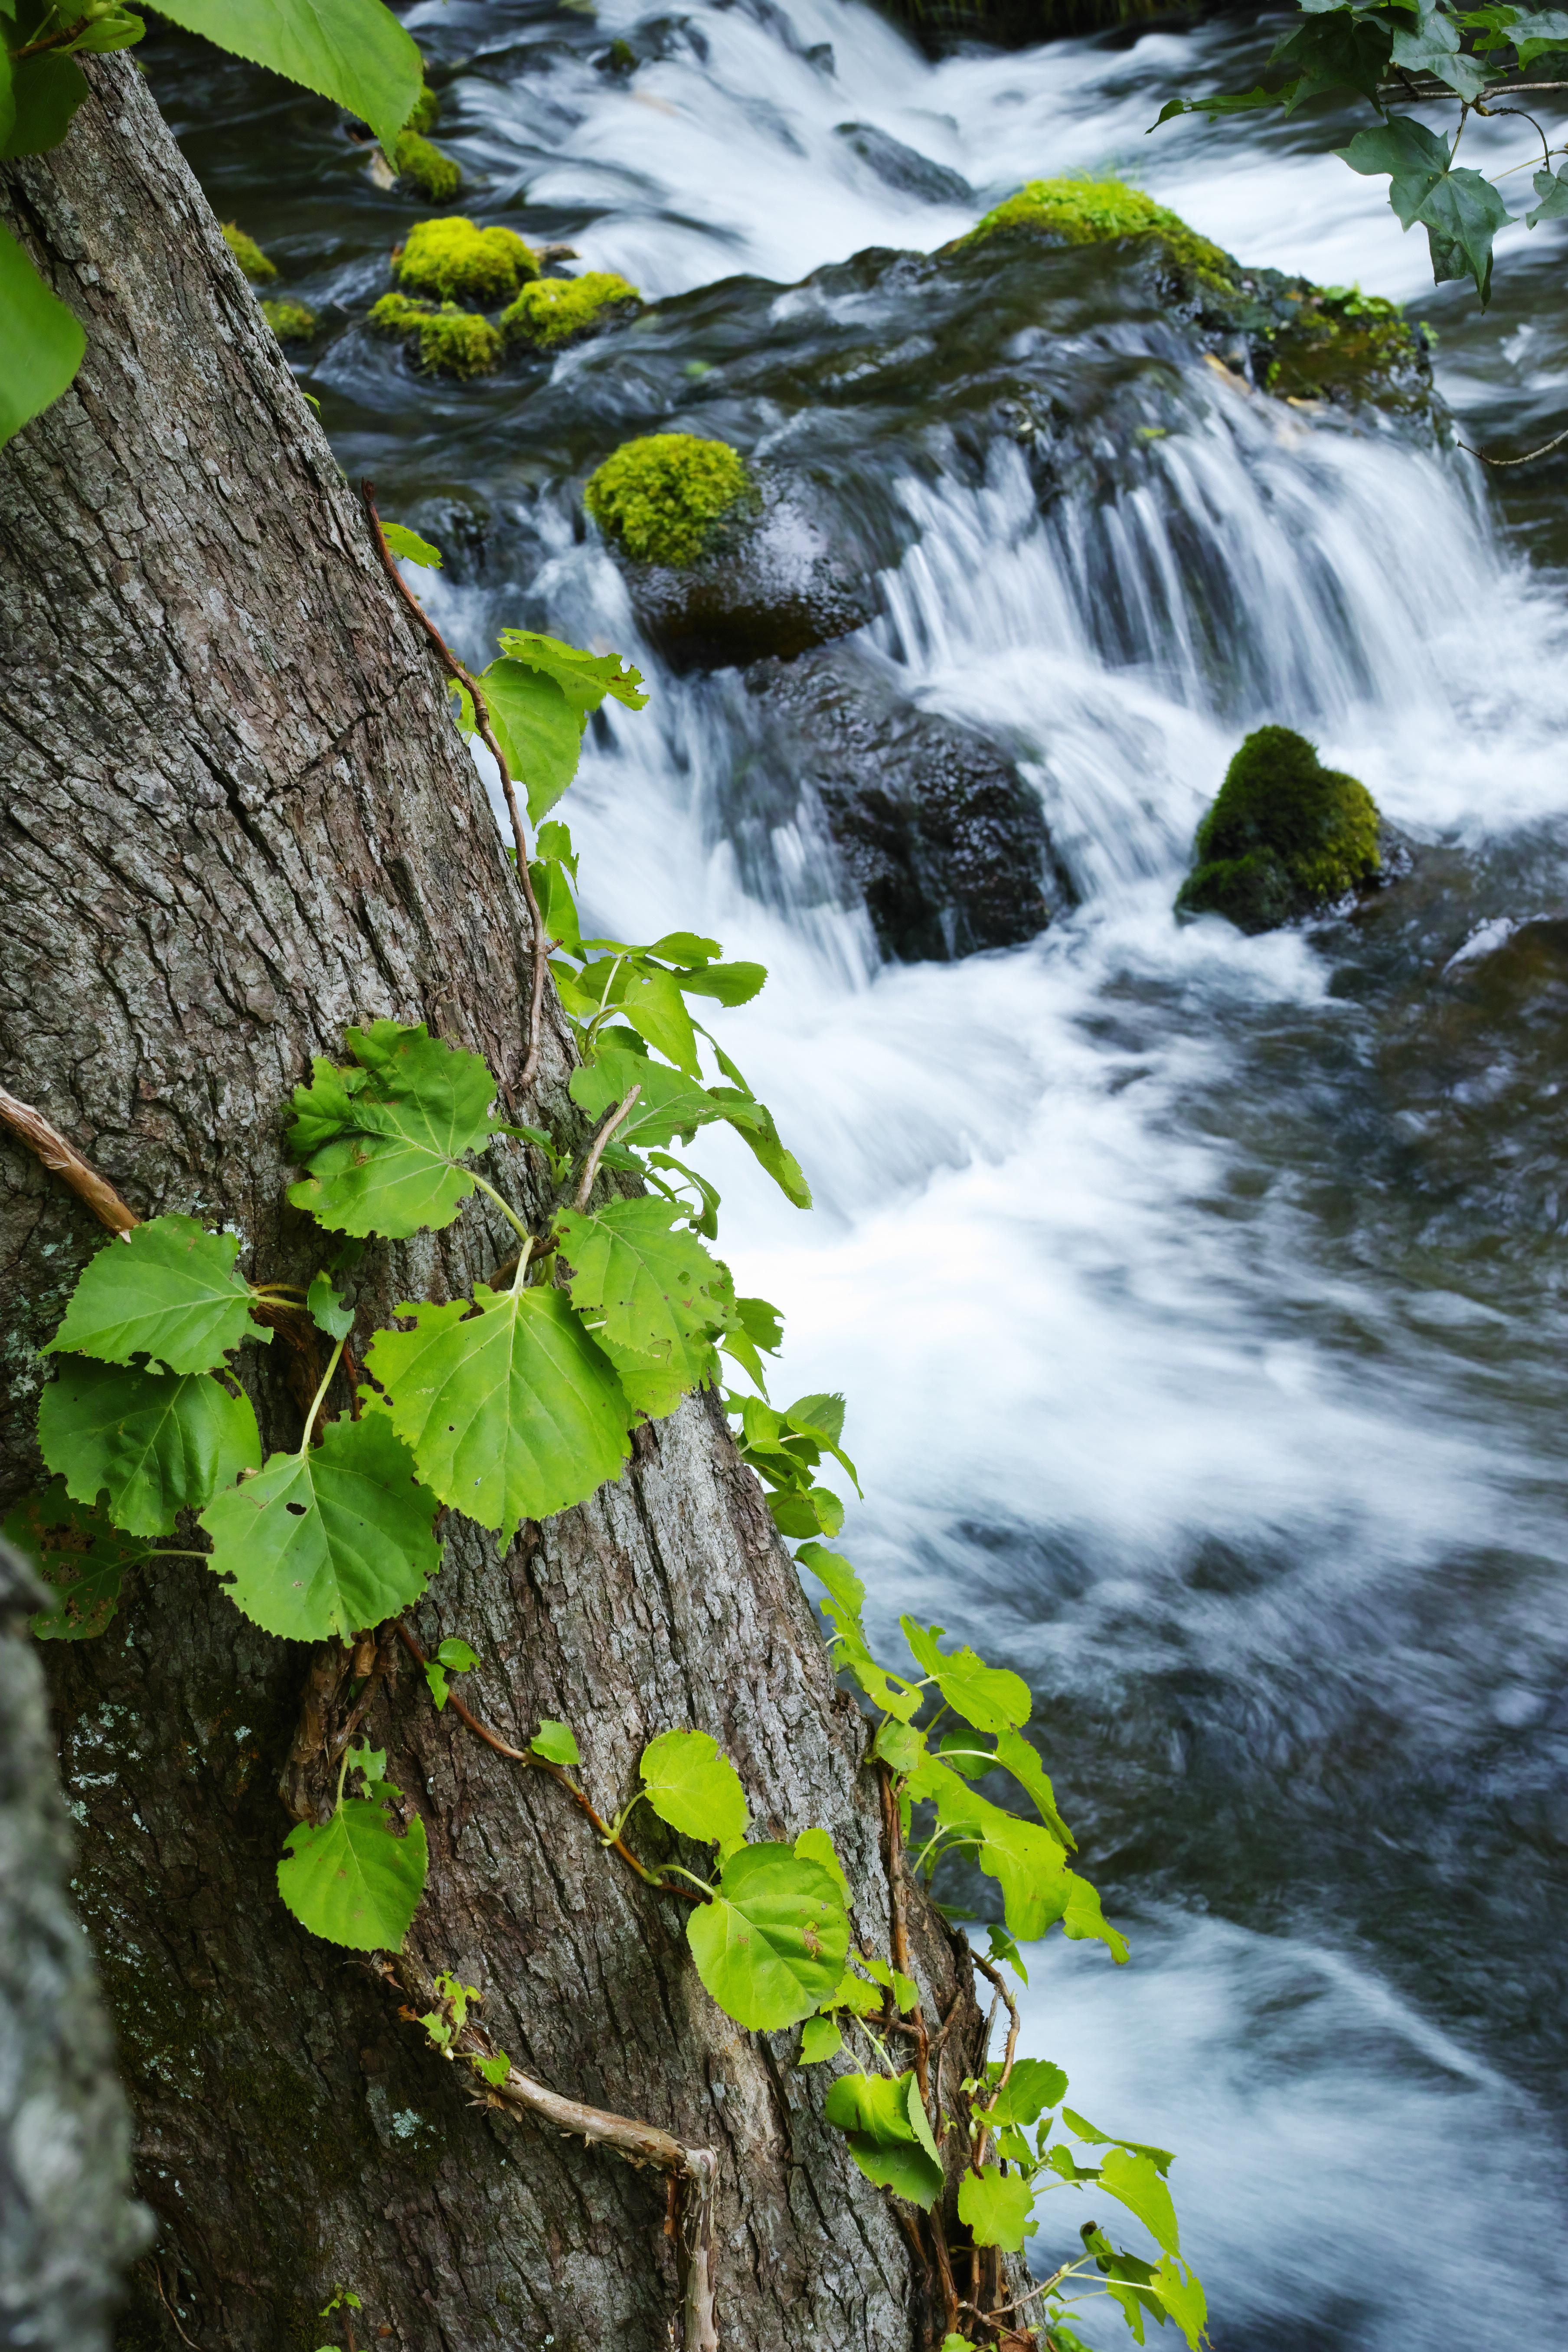 湧水地から湧き出る清水のしぶきを全身に浴びながら、森の木々の力強さにレンズを向ける。若い緑の葉と木の表皮の皺をリアルに描写。ISO100 / F11 / 1/8秒